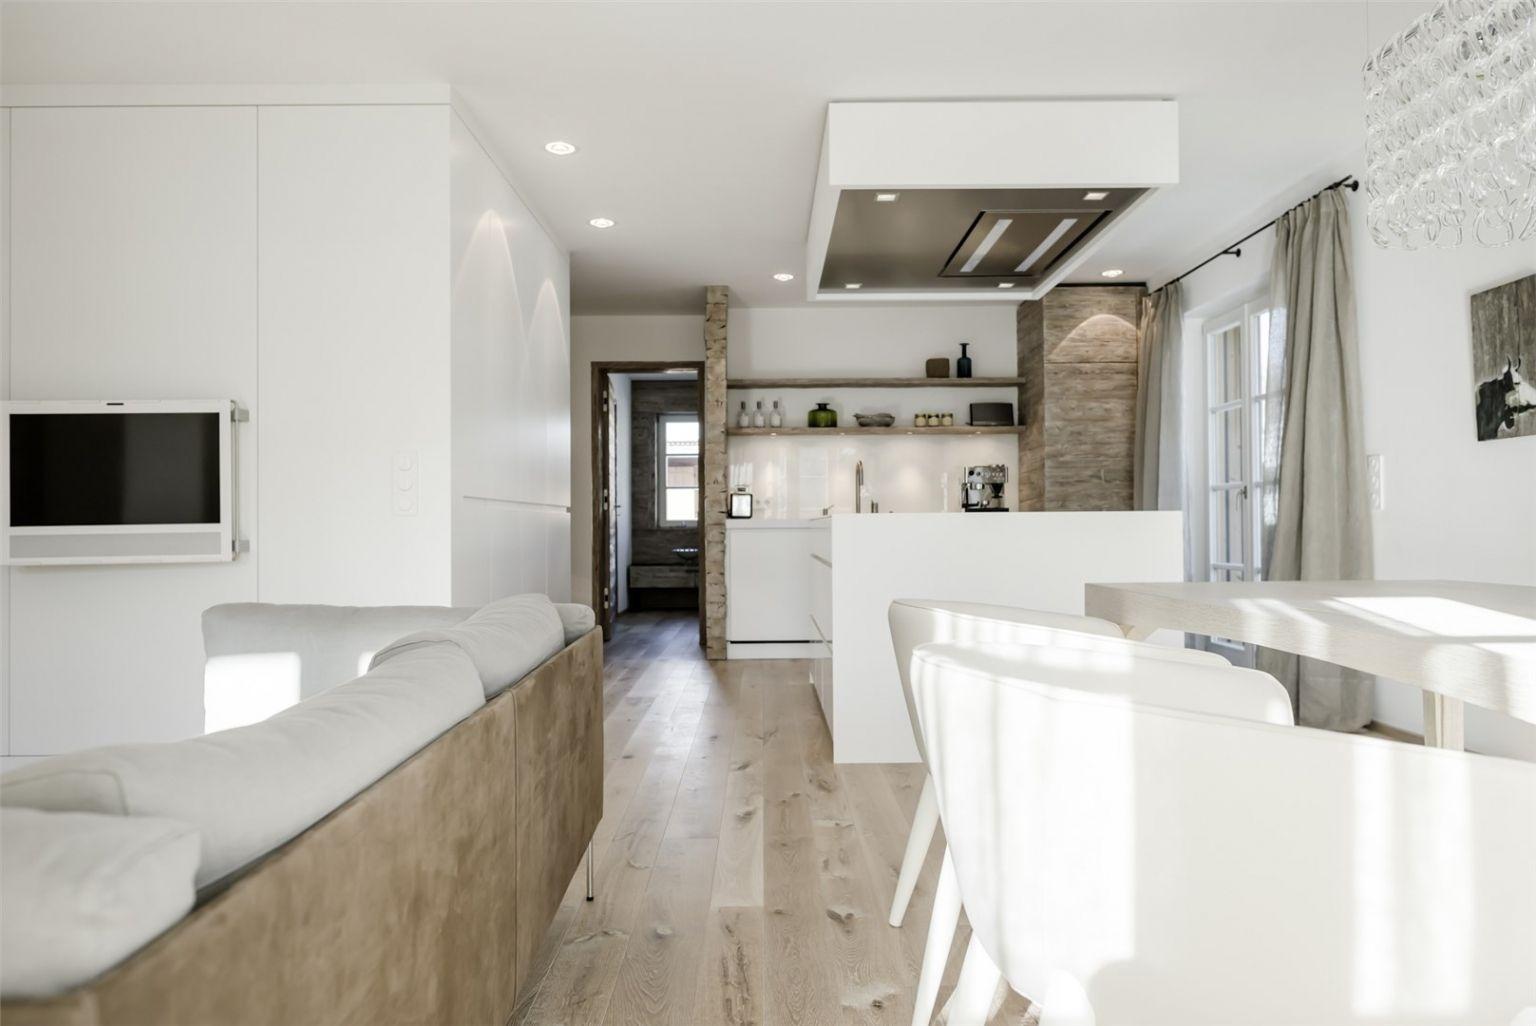 Gestaltung Wohnzimmer ~ Attraktiv wohnzimmer mit offener küche wohnzimmer ideen pinterest